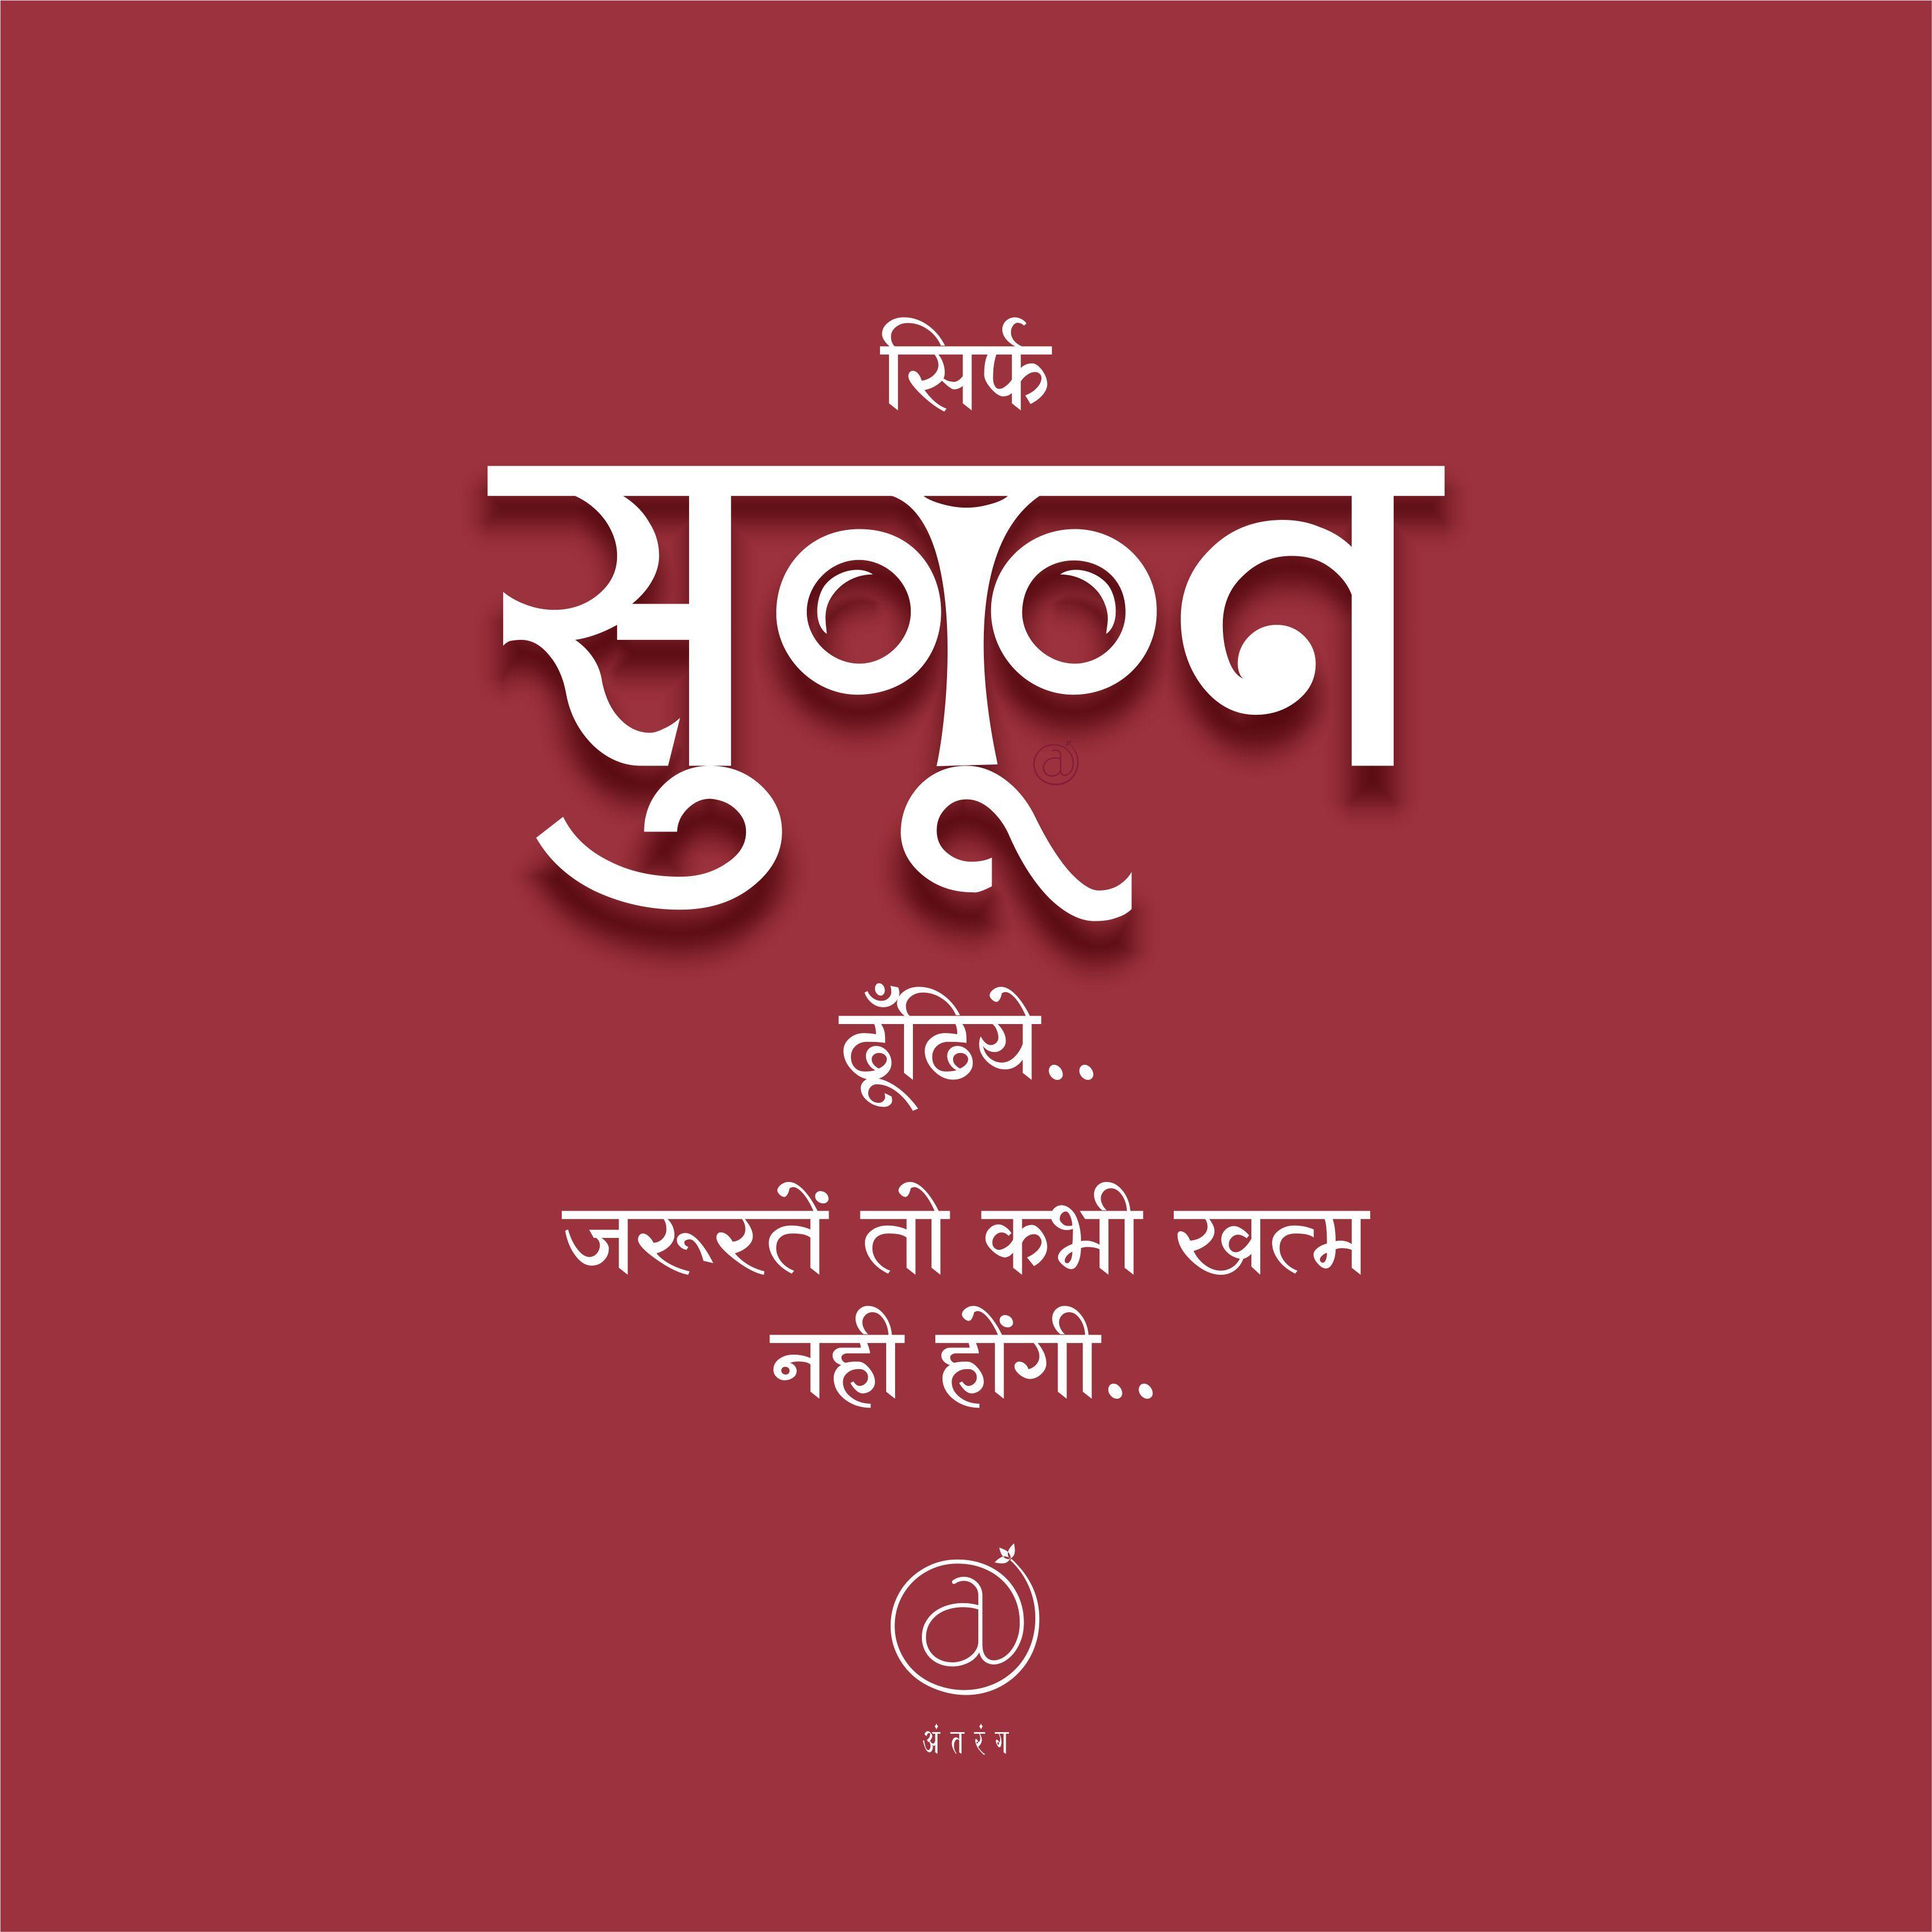 Indische Zitate Stimmungszitate Zitate Zum Thema Morgen Weisheiten Zitate Lebensweisheiten Hindi Liebeszitate Lyrische Zitate